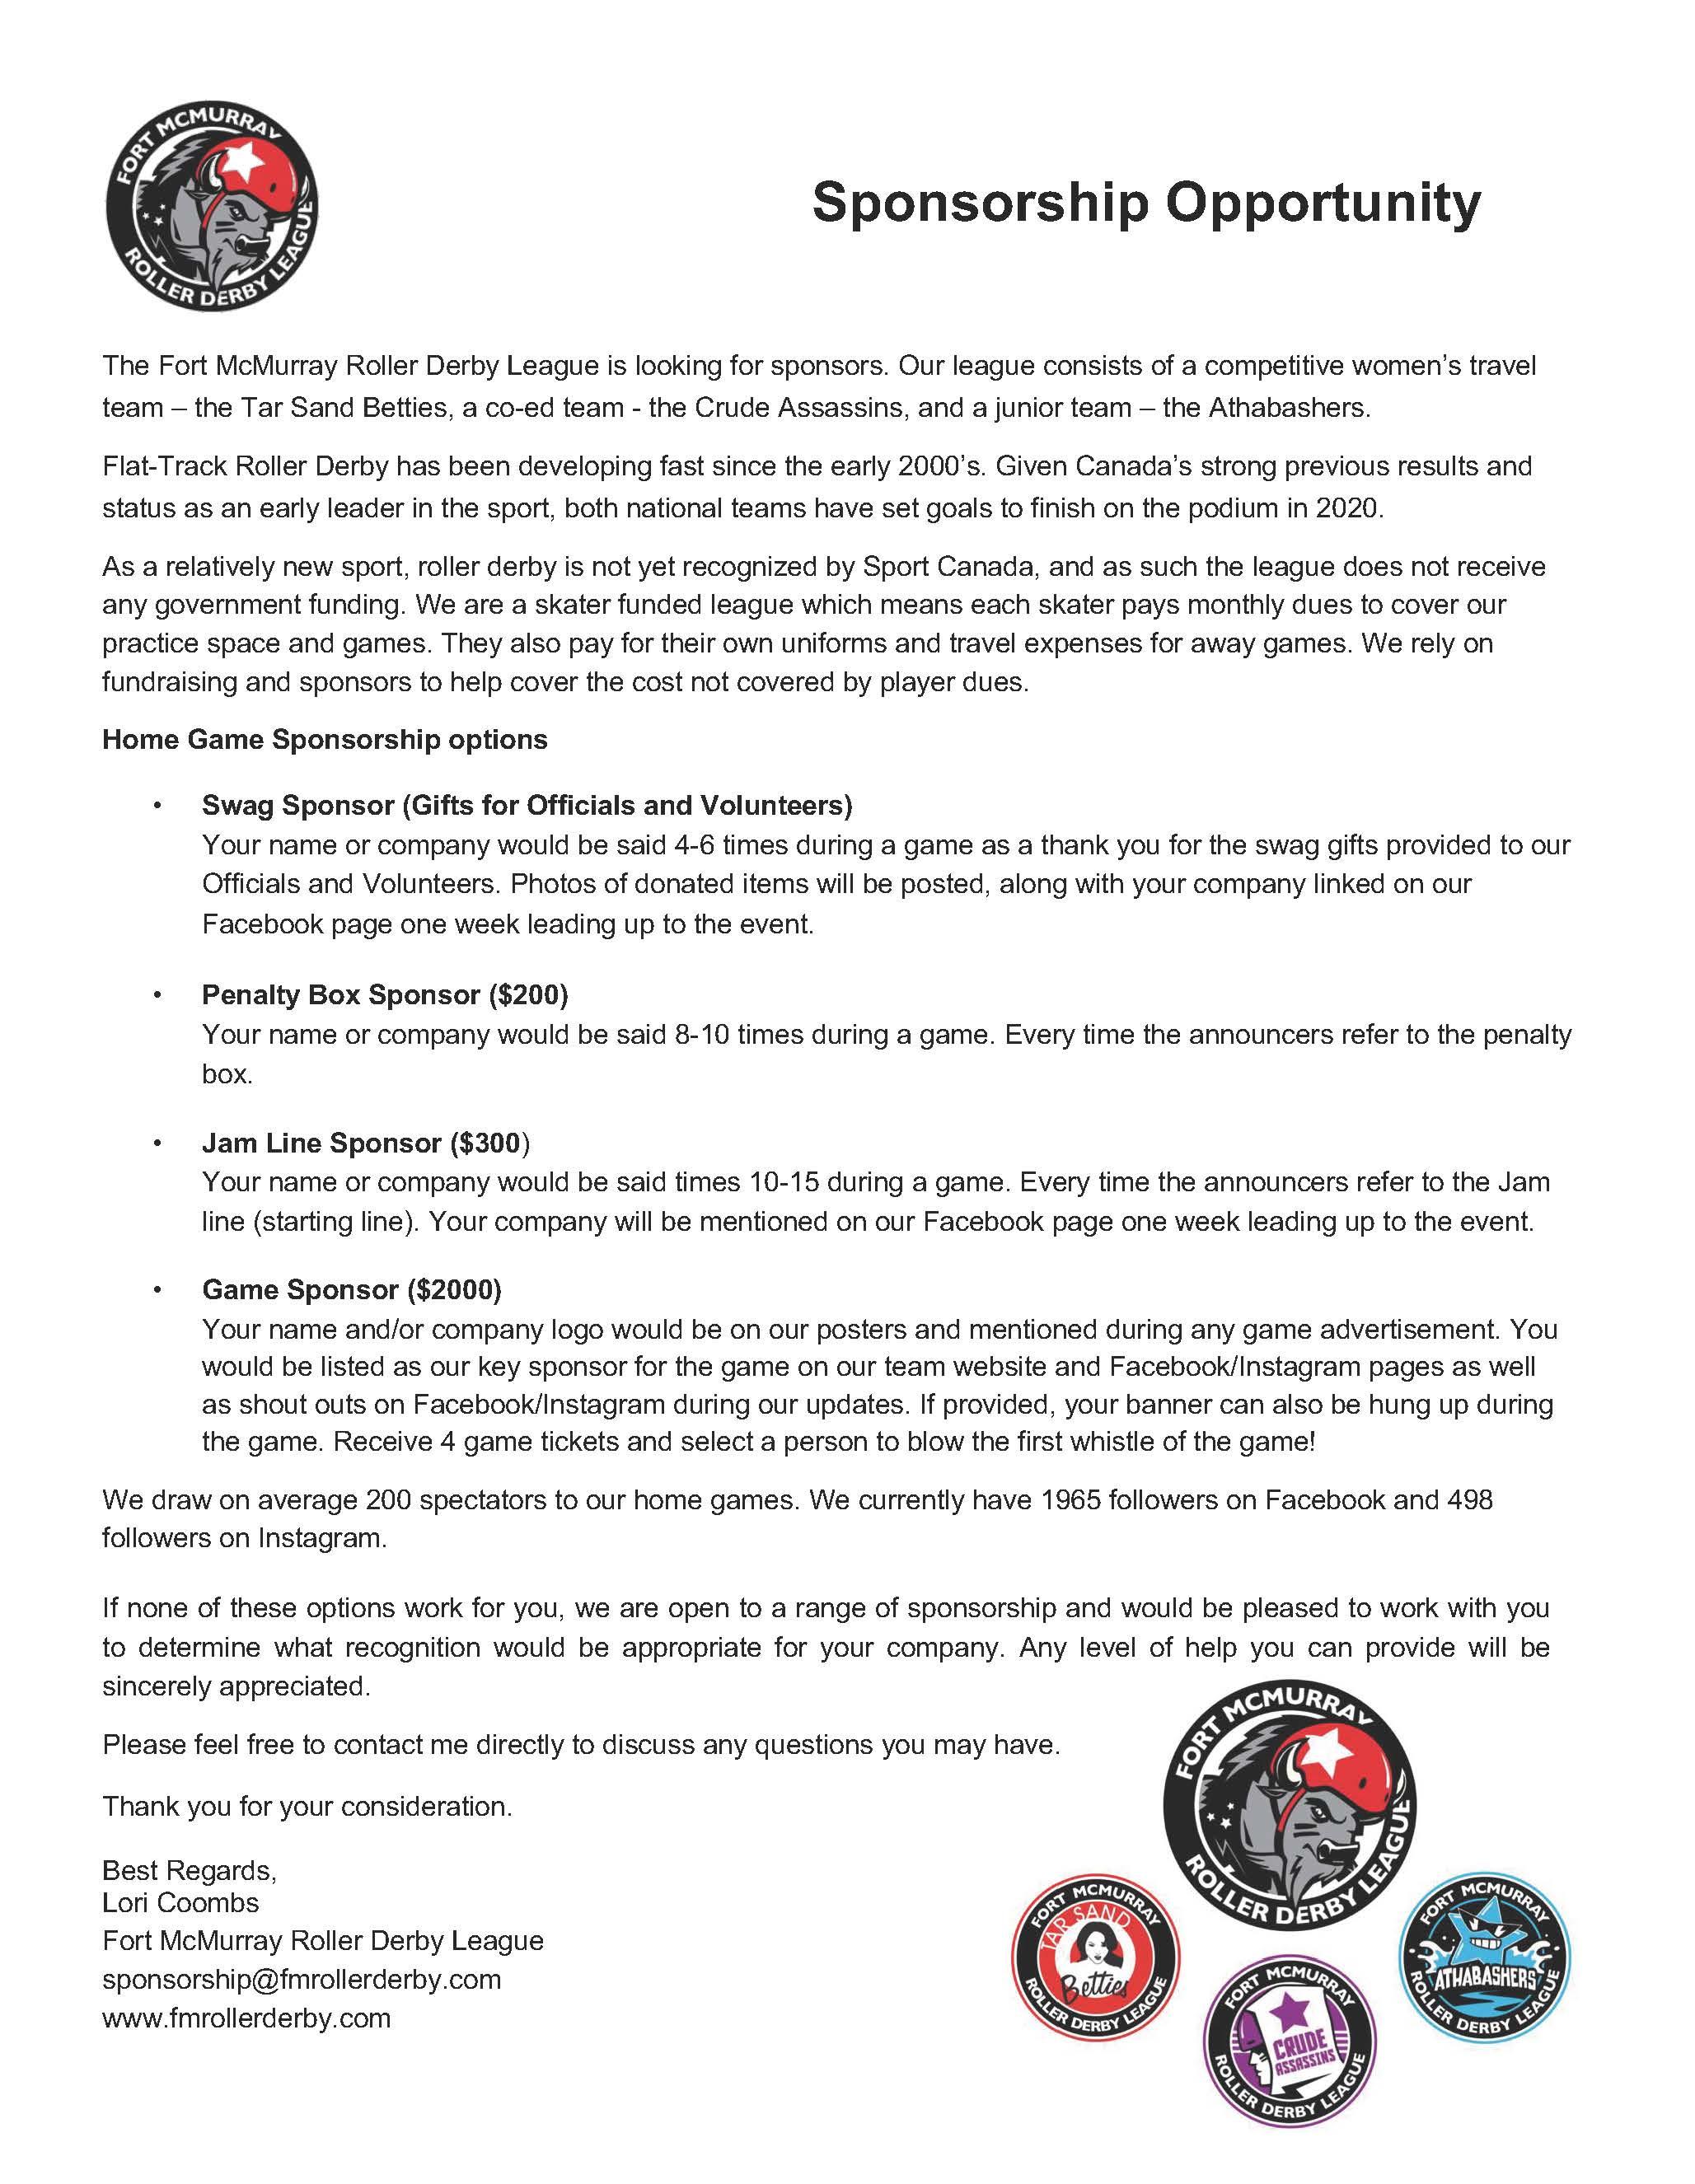 2019 - FMRDL - Sponsorship Letter - Fort McMurray Roller